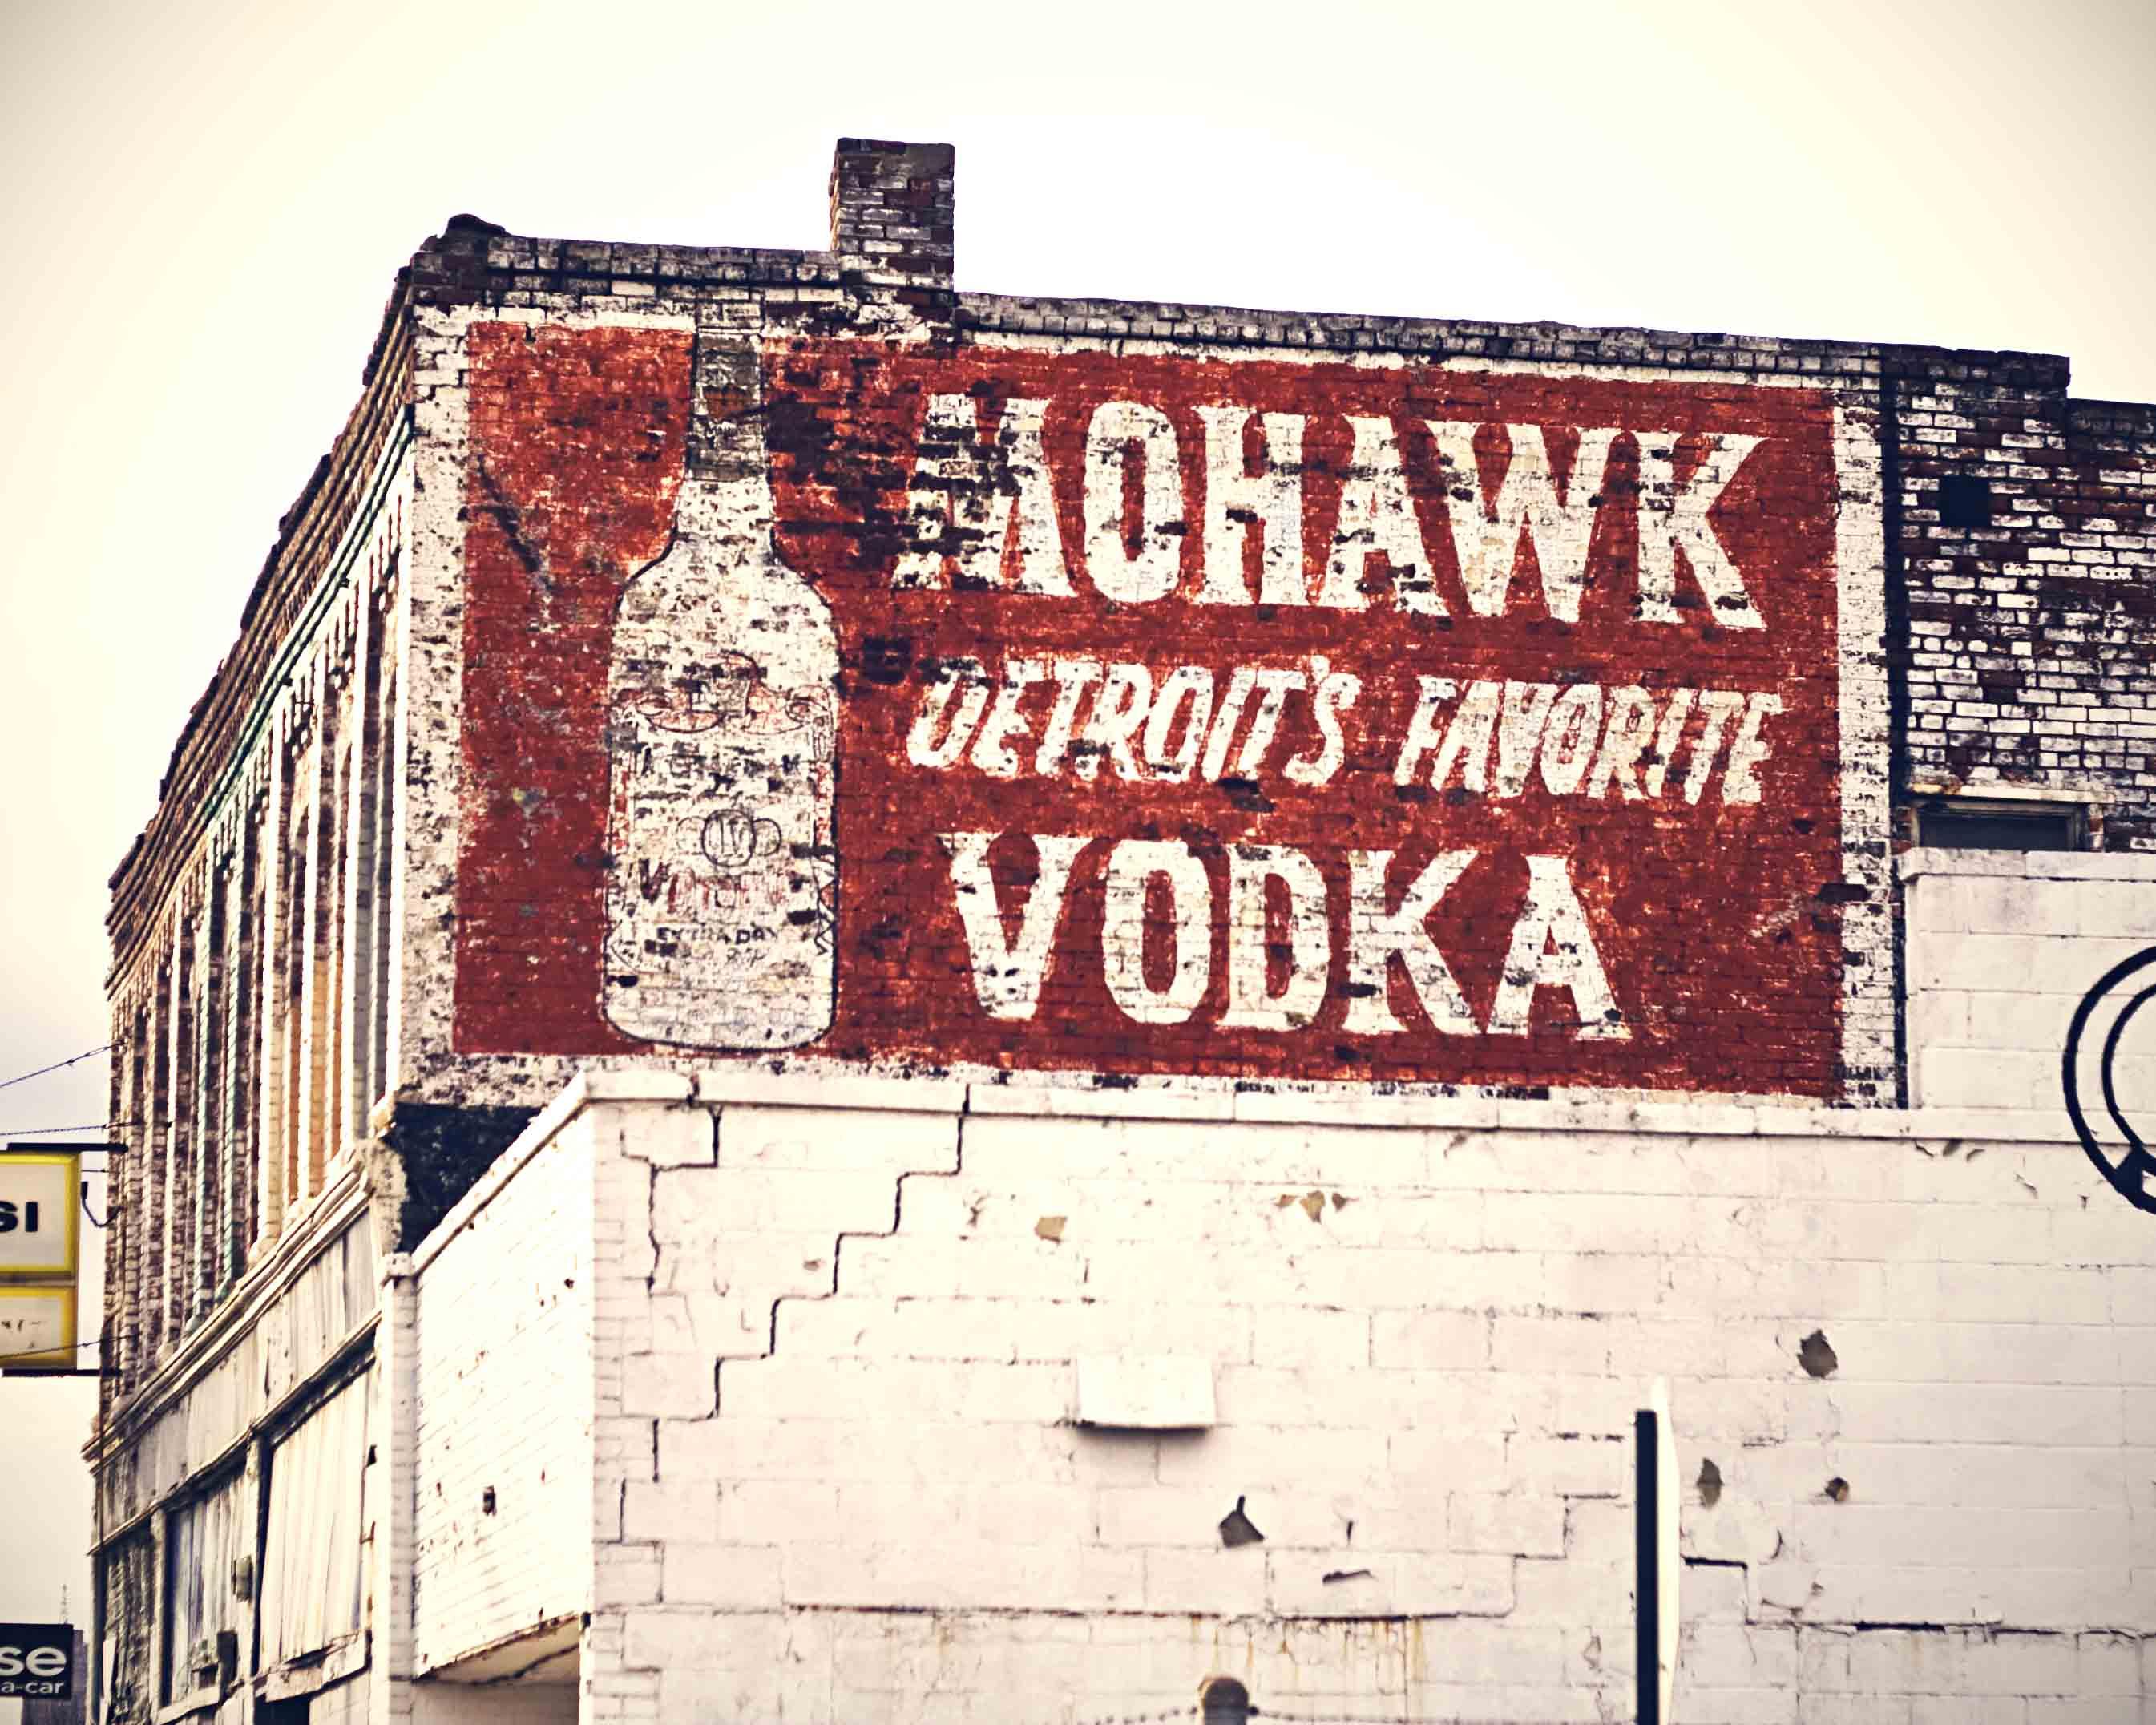 Mohawk - Detroit's Favorite Vodka